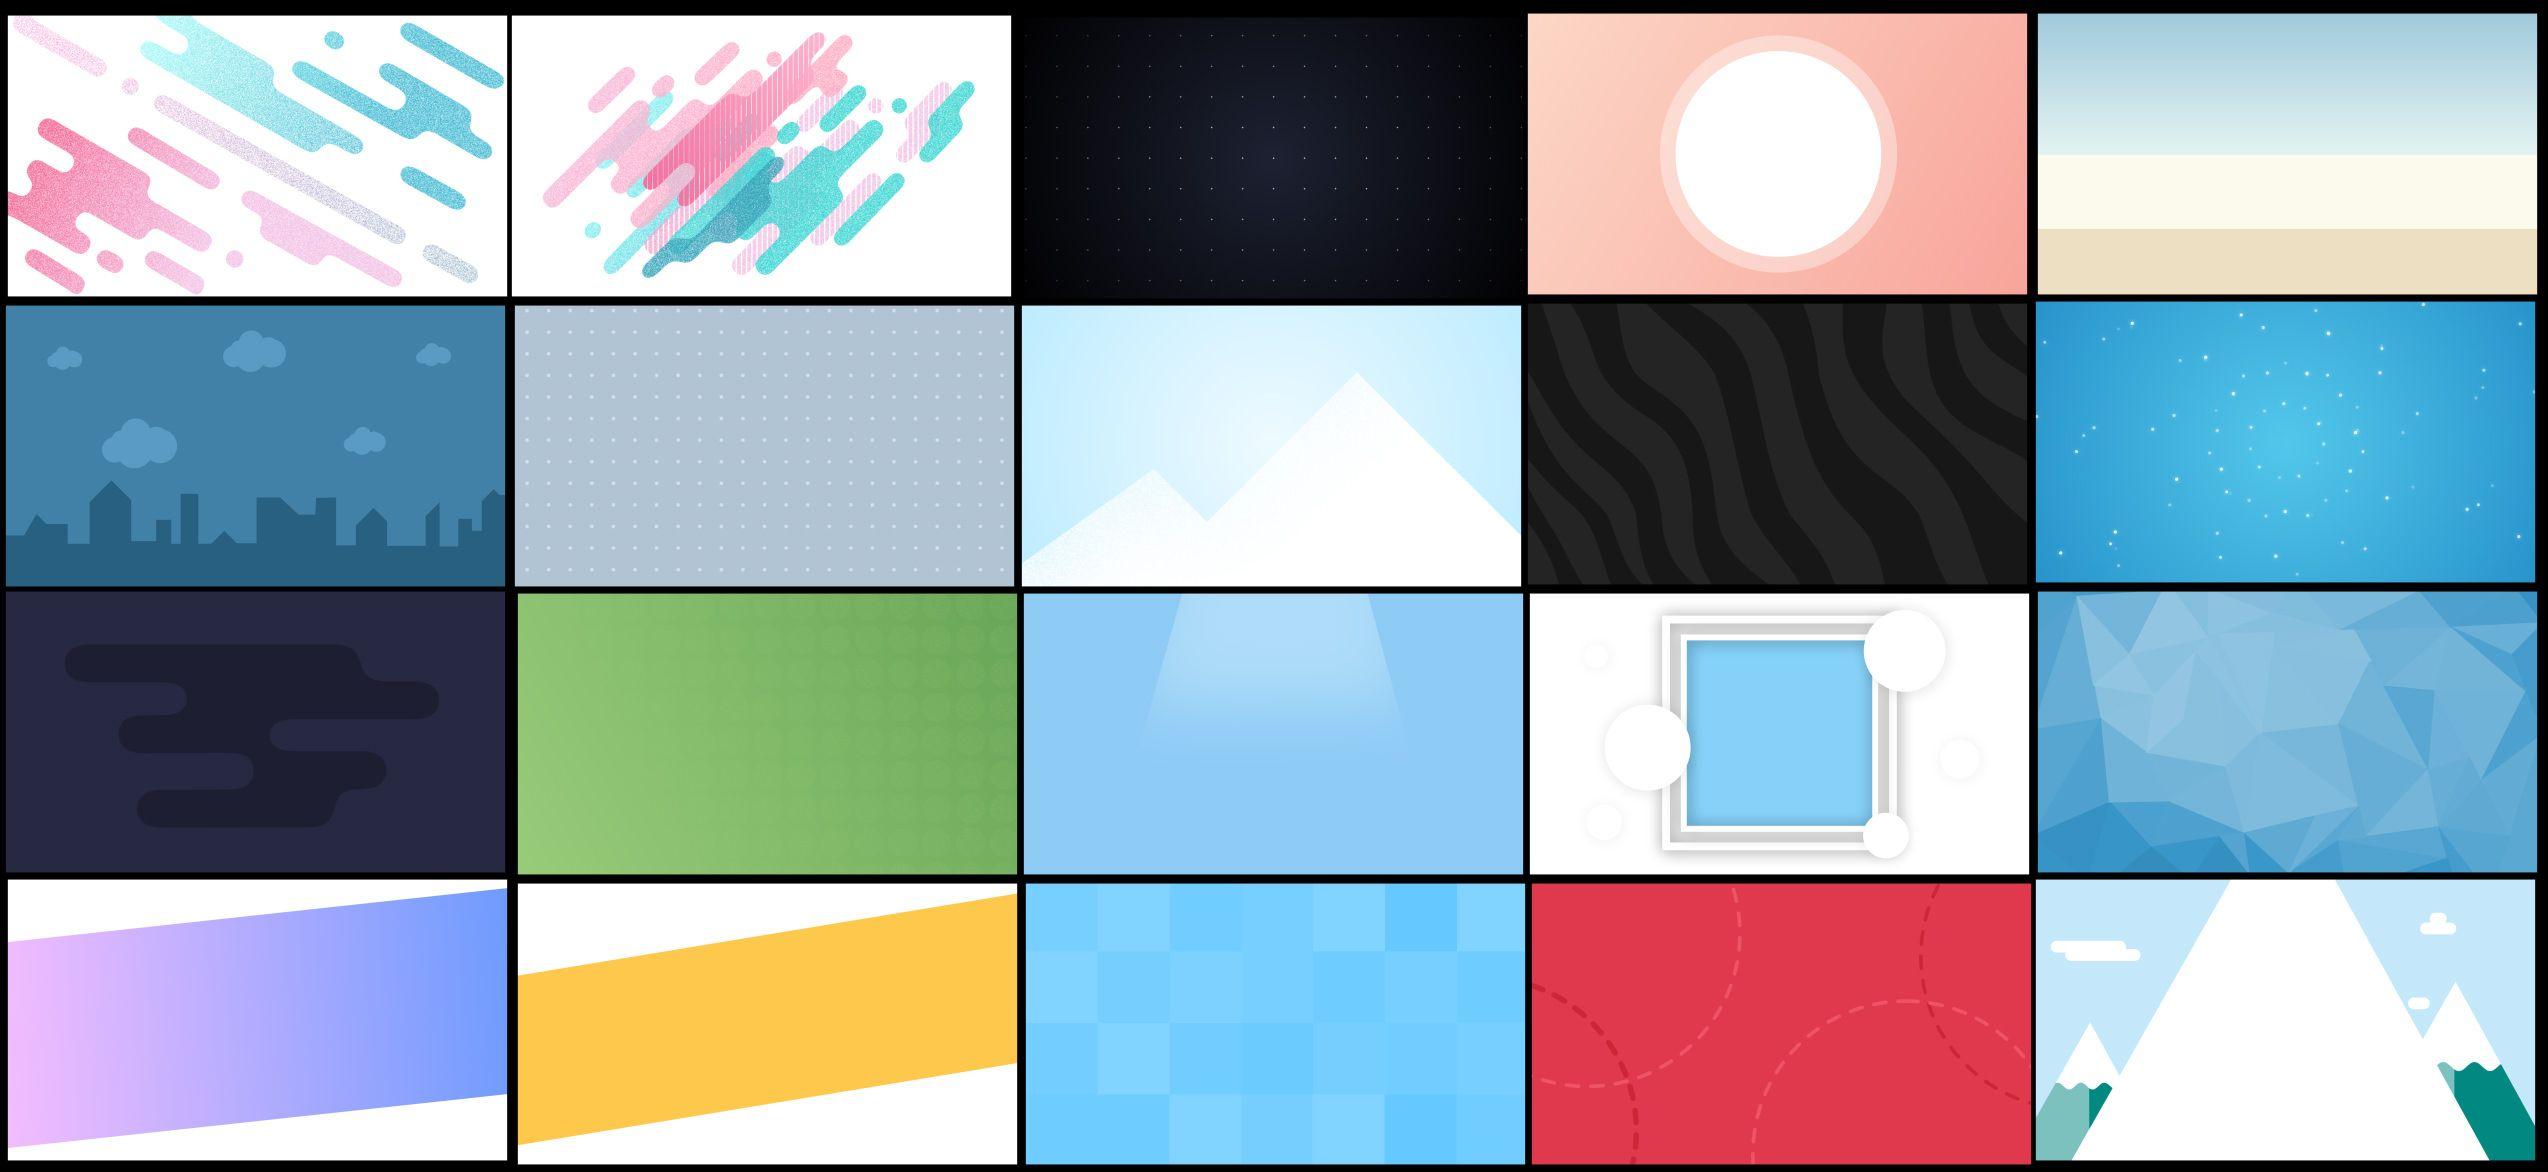 AE模板+PR预设+带通道视频素材-1000+手绘卡通流体转场Logo文字标题MG动画V2